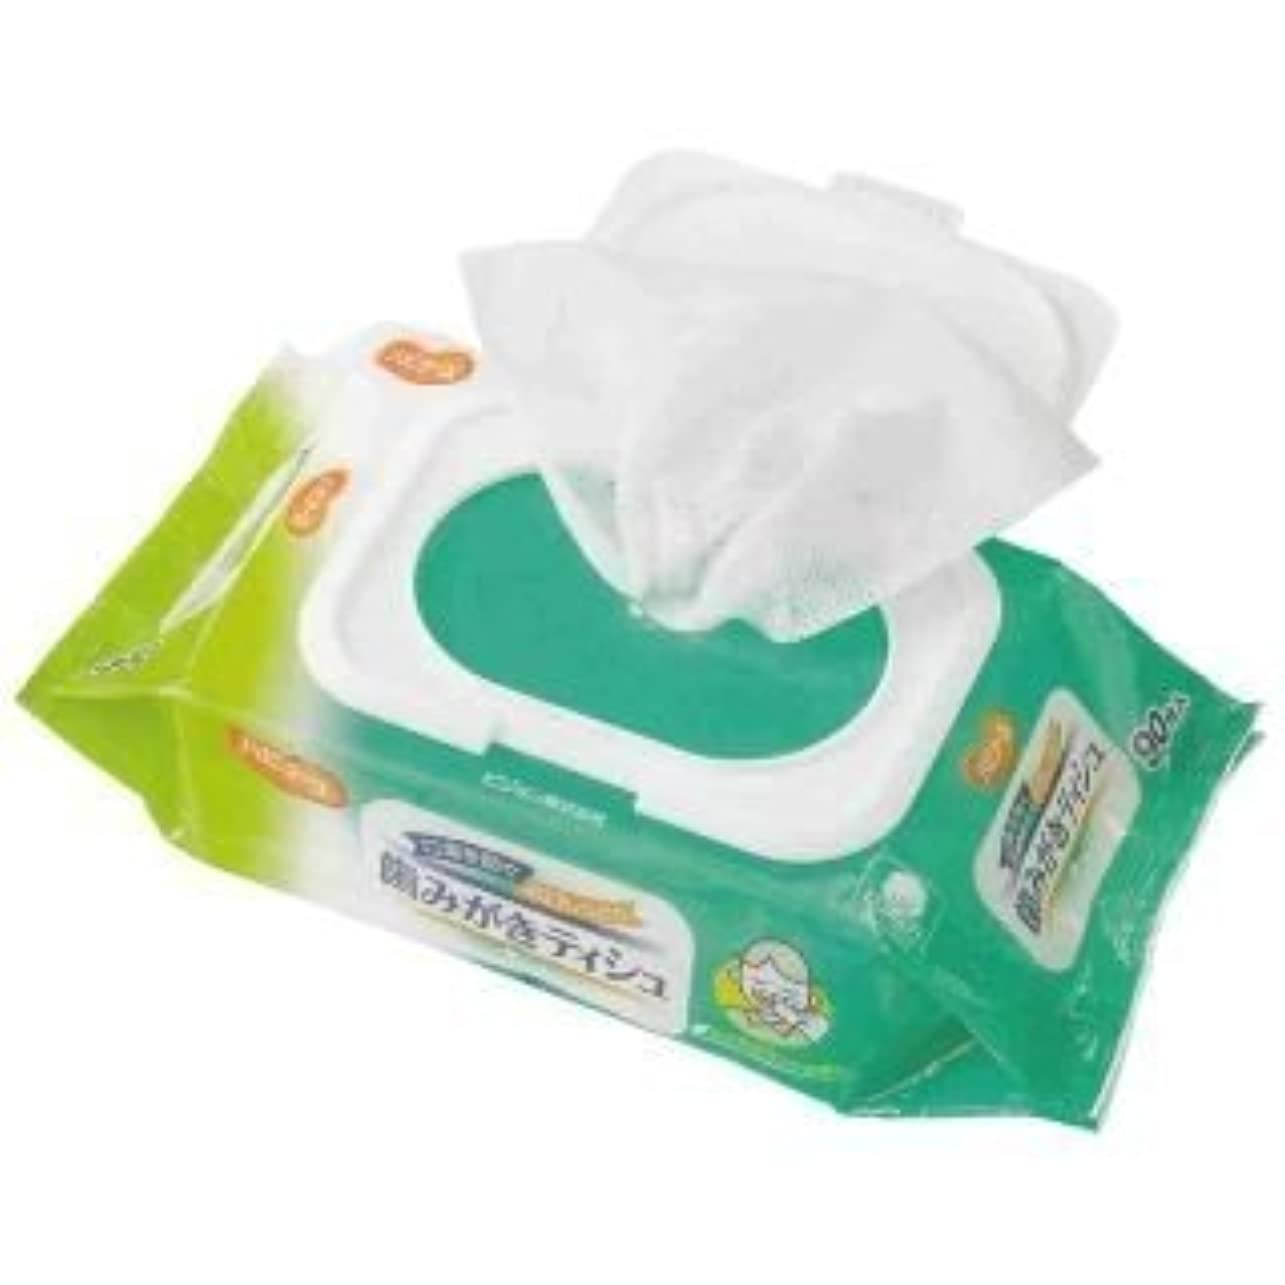 ミトン奪う熱口臭を防ぐ&お口しっとり!ふきとりやすいコットンメッシュシート!お口が乾燥して、お口の臭いが気になるときに!歯みがきティシュ 90枚入